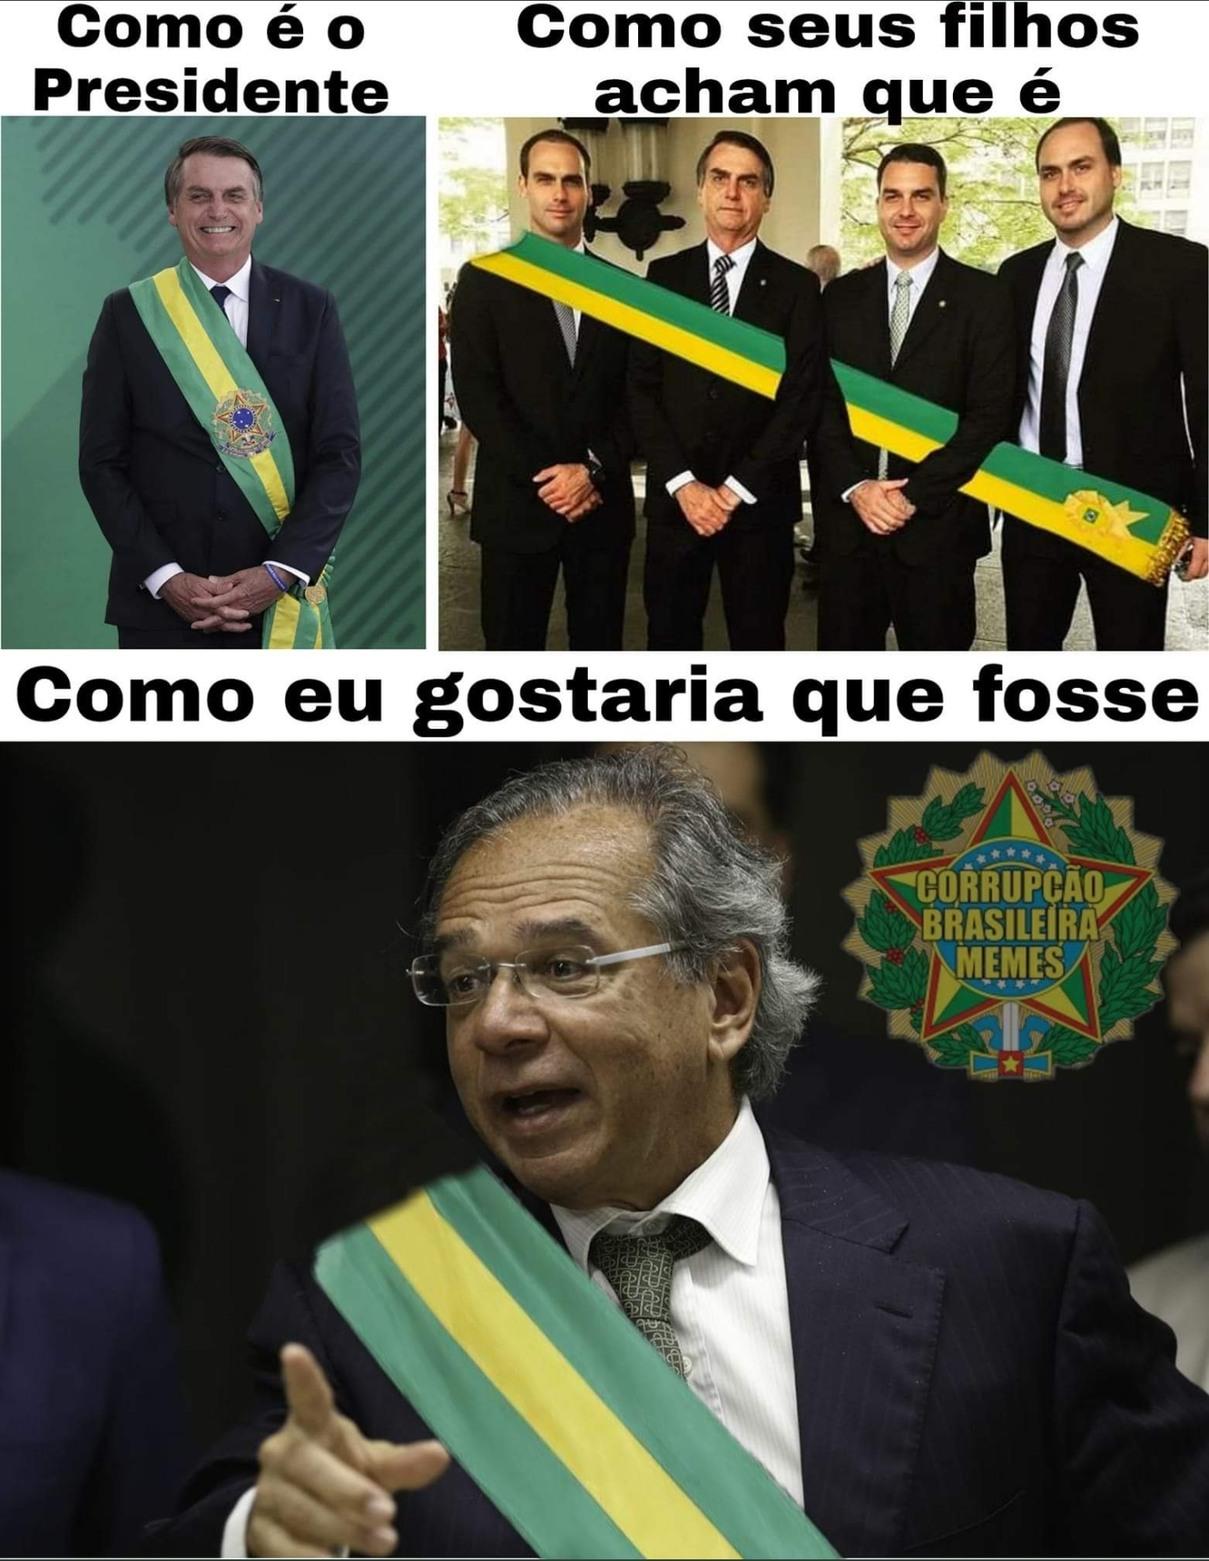 #AVEGUEDES - meme